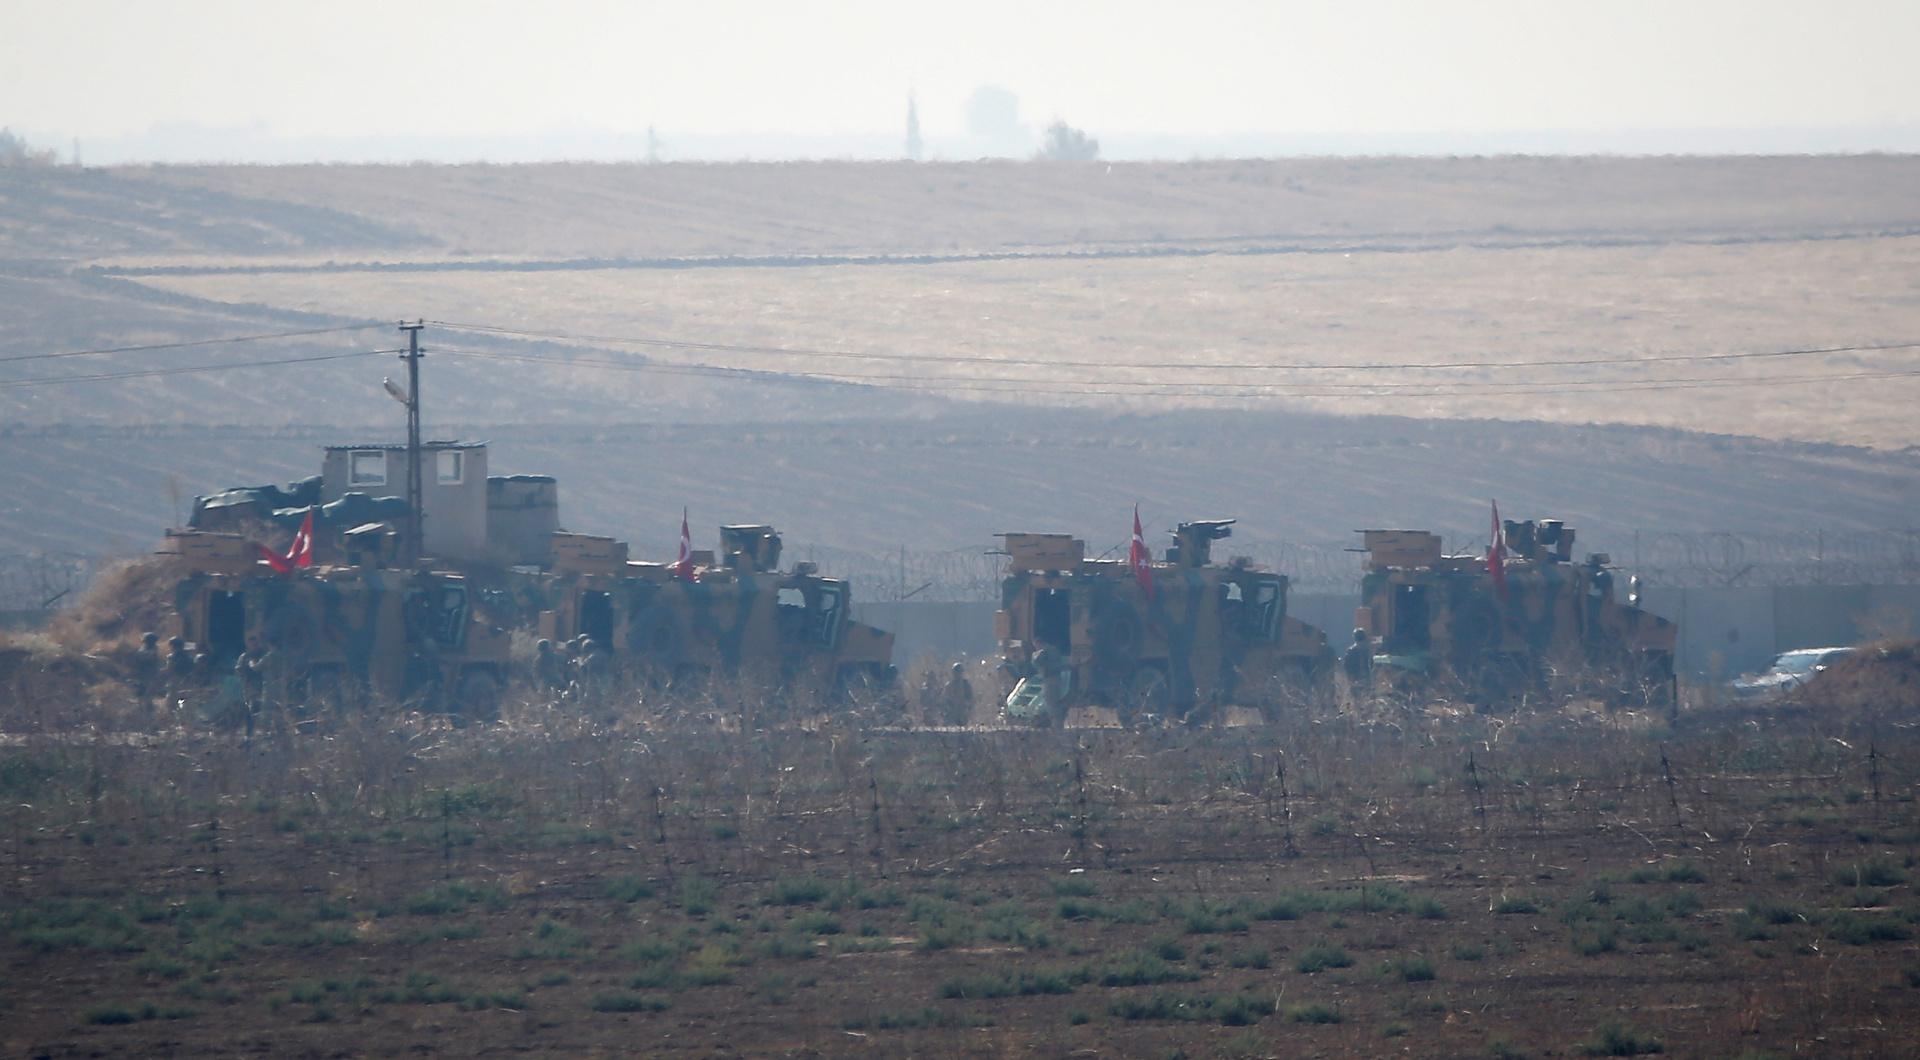 دوريات روسية تركية مشتركة شمال سوريا- أرشيف